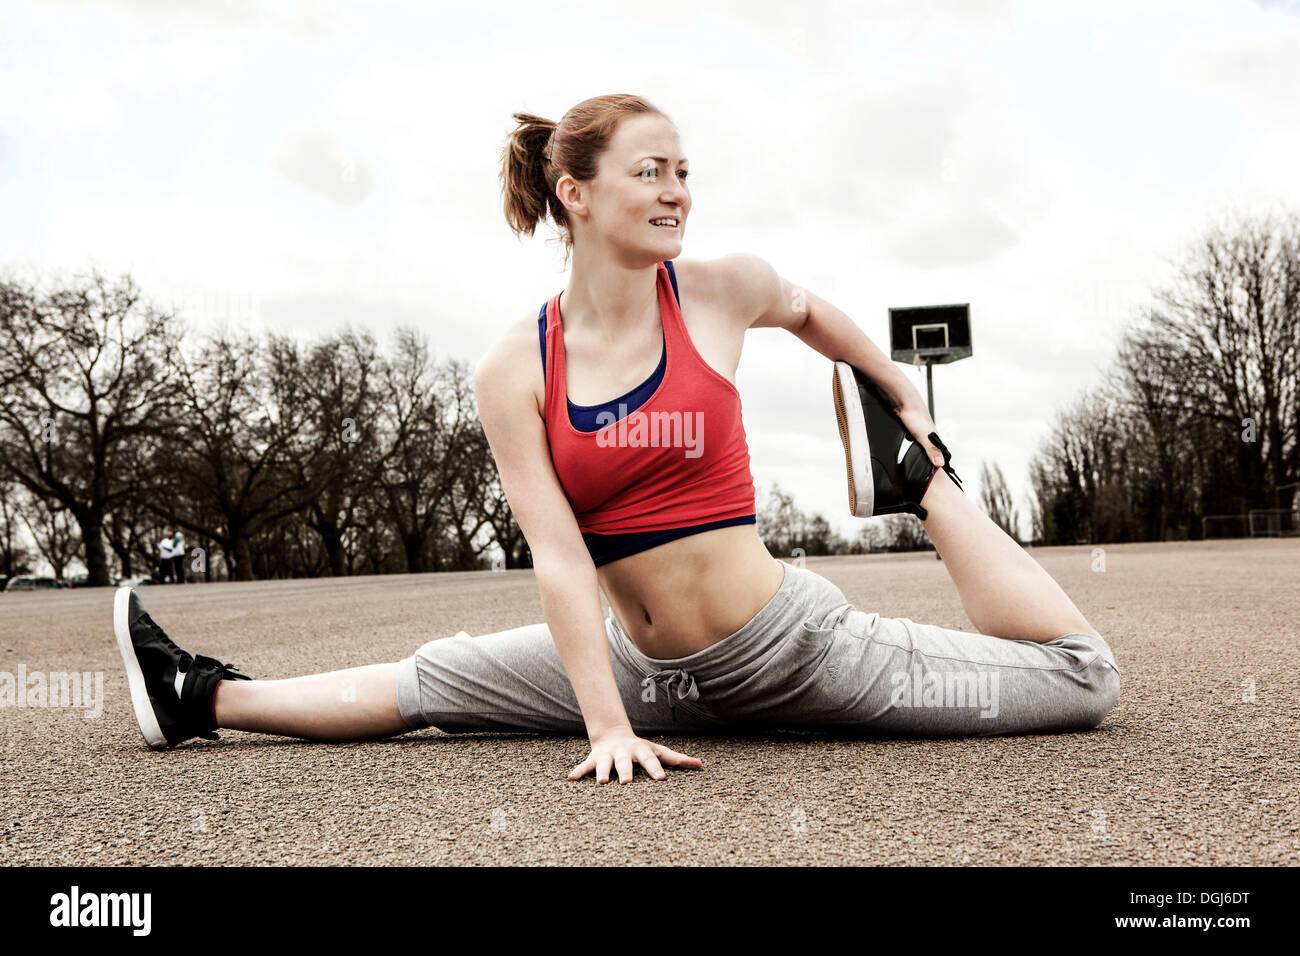 Mujer haciendo divisiones con la pierna izquierda doblada hacia atrás Imagen De Stock